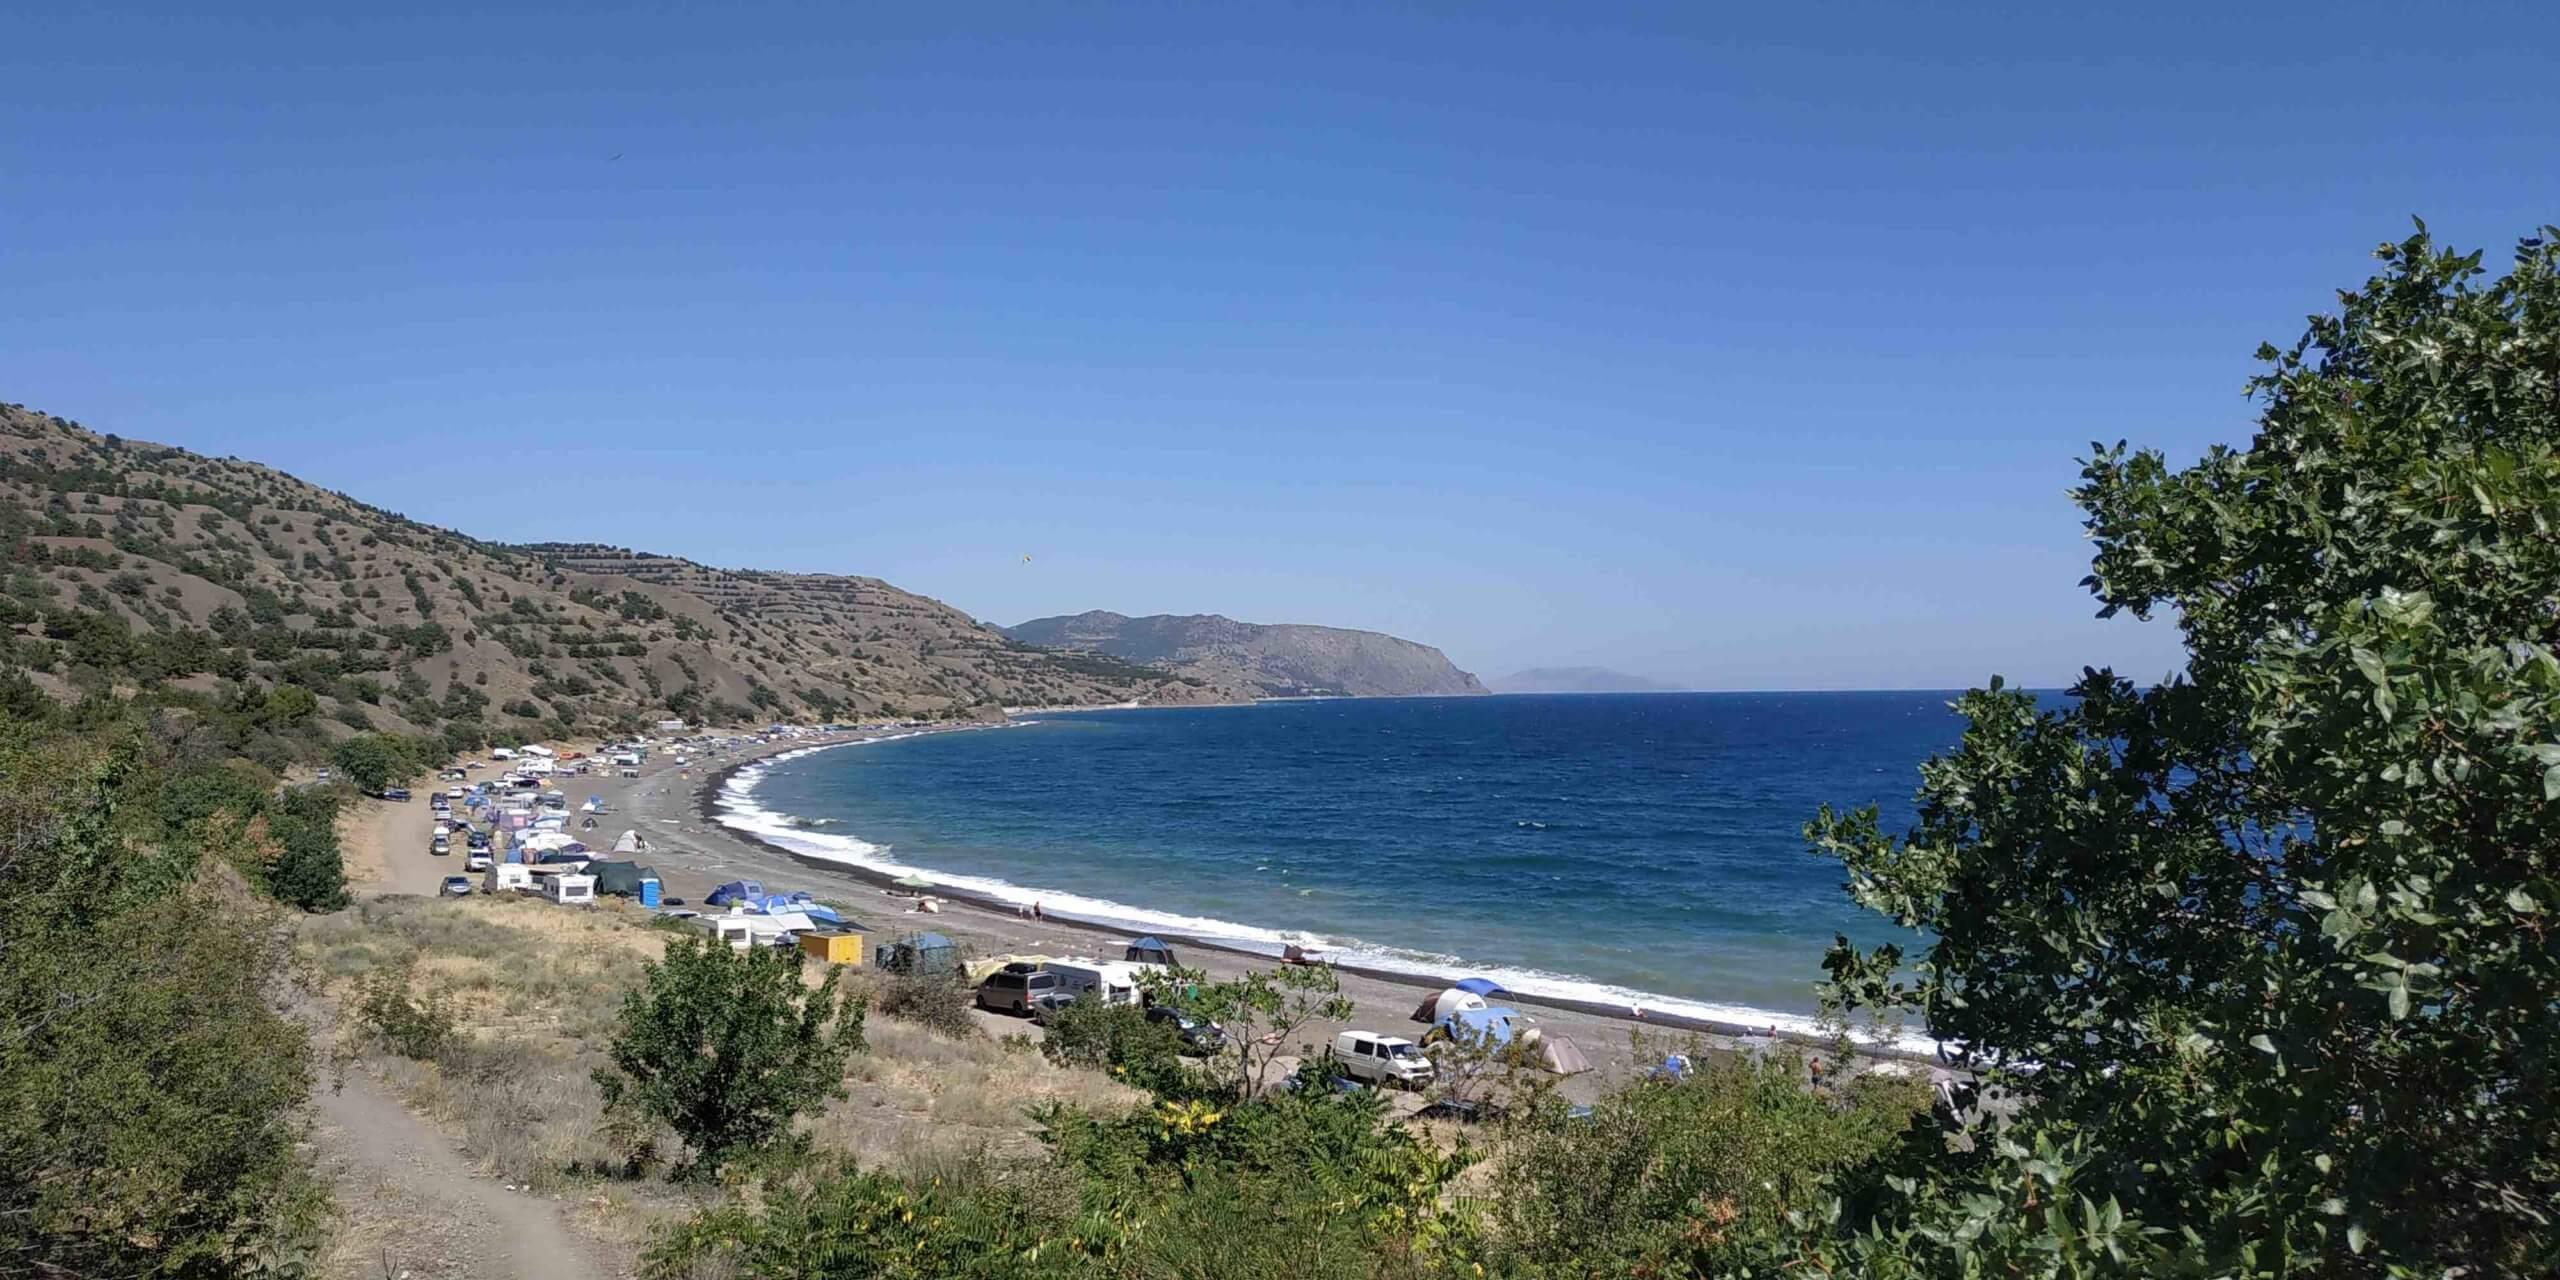 В сезон все побережье Крыма выглядит именно так, все усеяно палатками отдыхающих